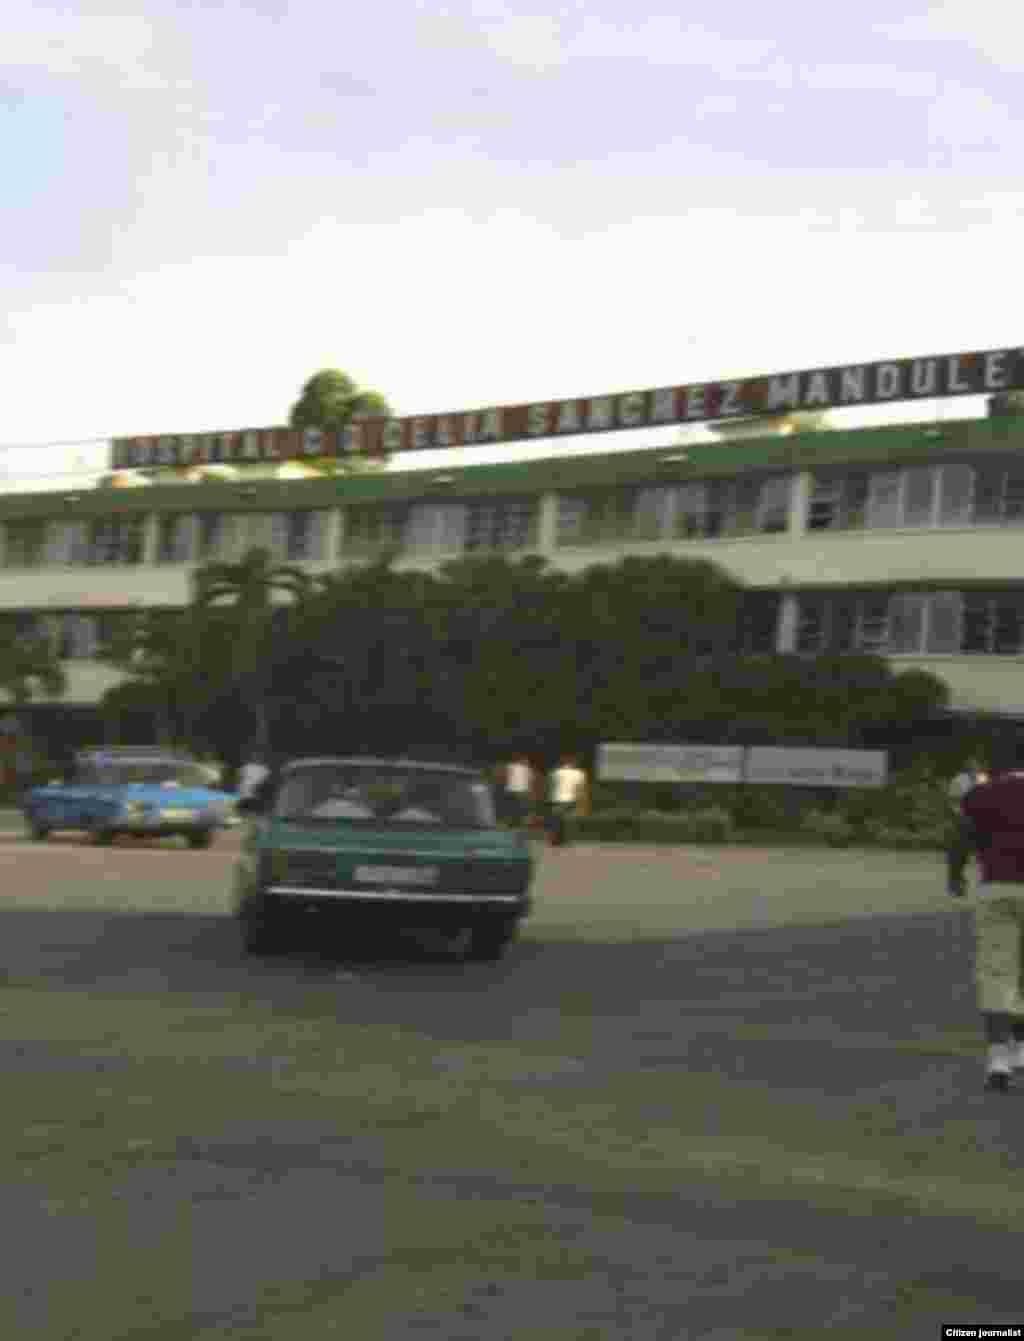 Reporta Cuba. Una mirada desde afuera al Hospital Celia Sánchez en Campechuela. Foto Rudi Batista